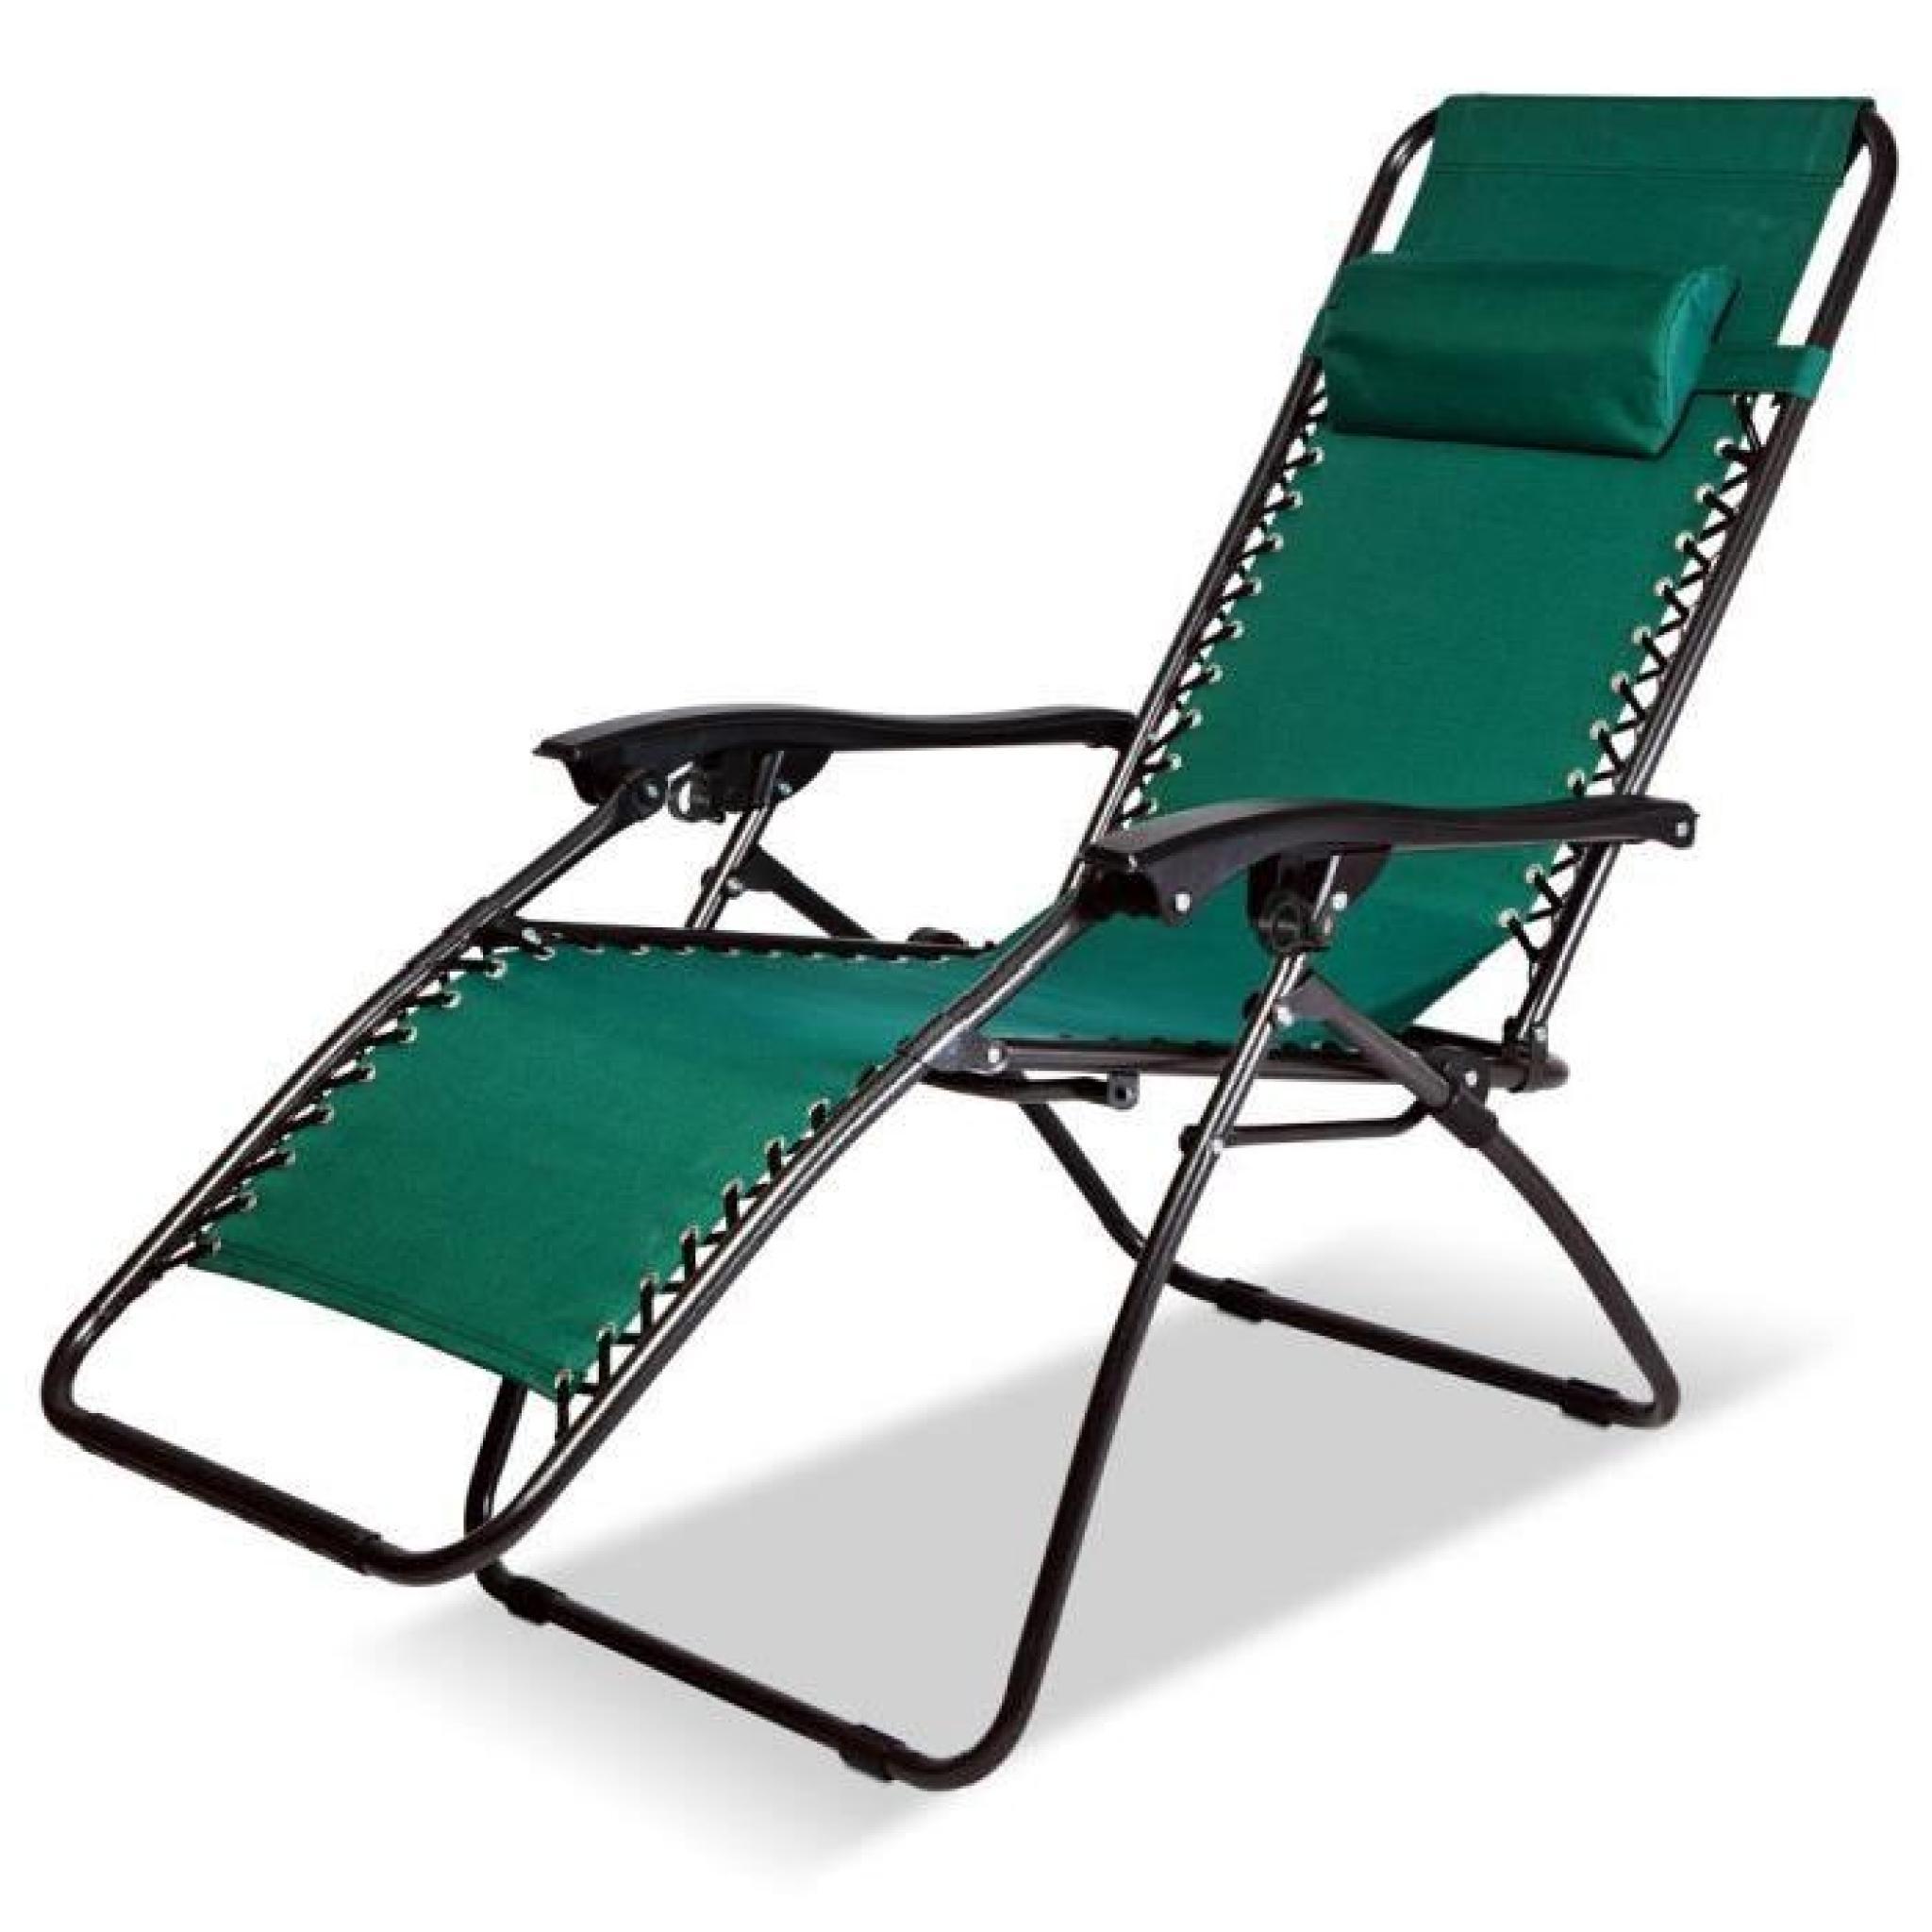 Chaise longue de jardin pliable chaise pliable de - Chaise longue de jardin pas cher ...